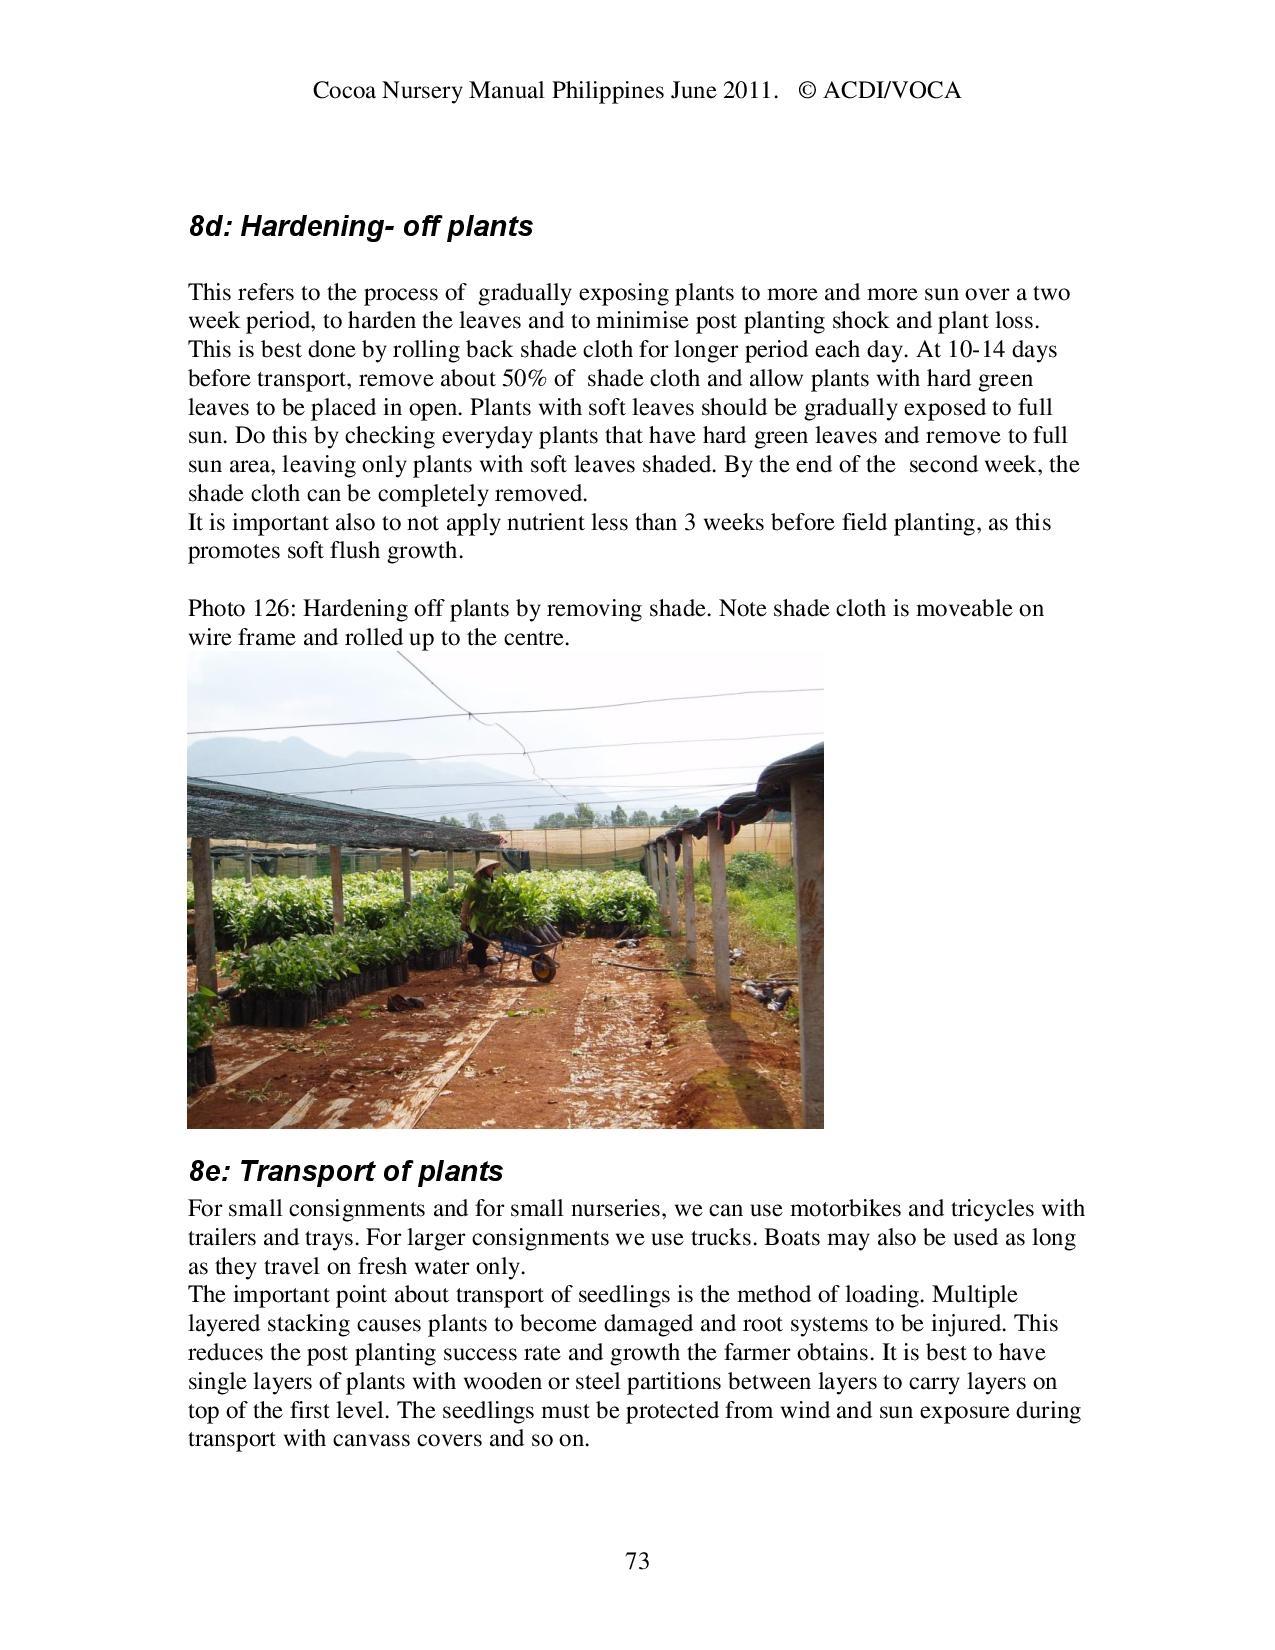 Cocoa-Nursery-Manual-2011_acdi-voca-page-073